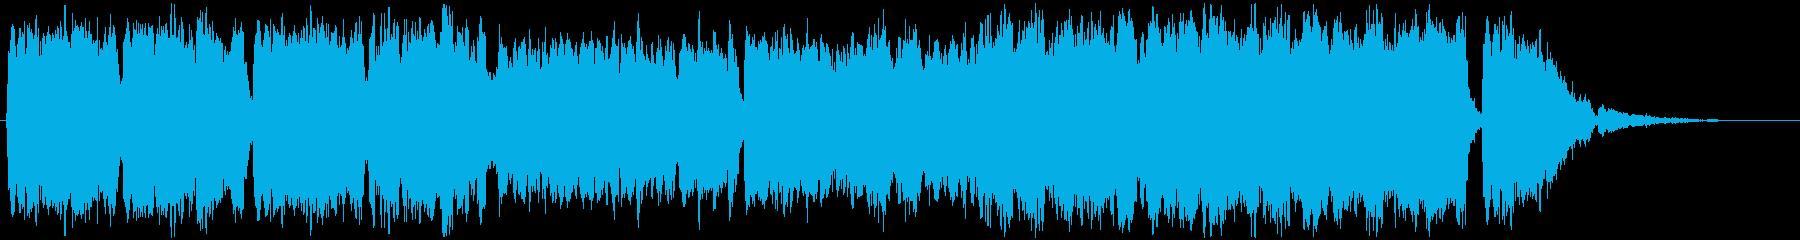 晴れやかなヴァイオリン三重奏の再生済みの波形